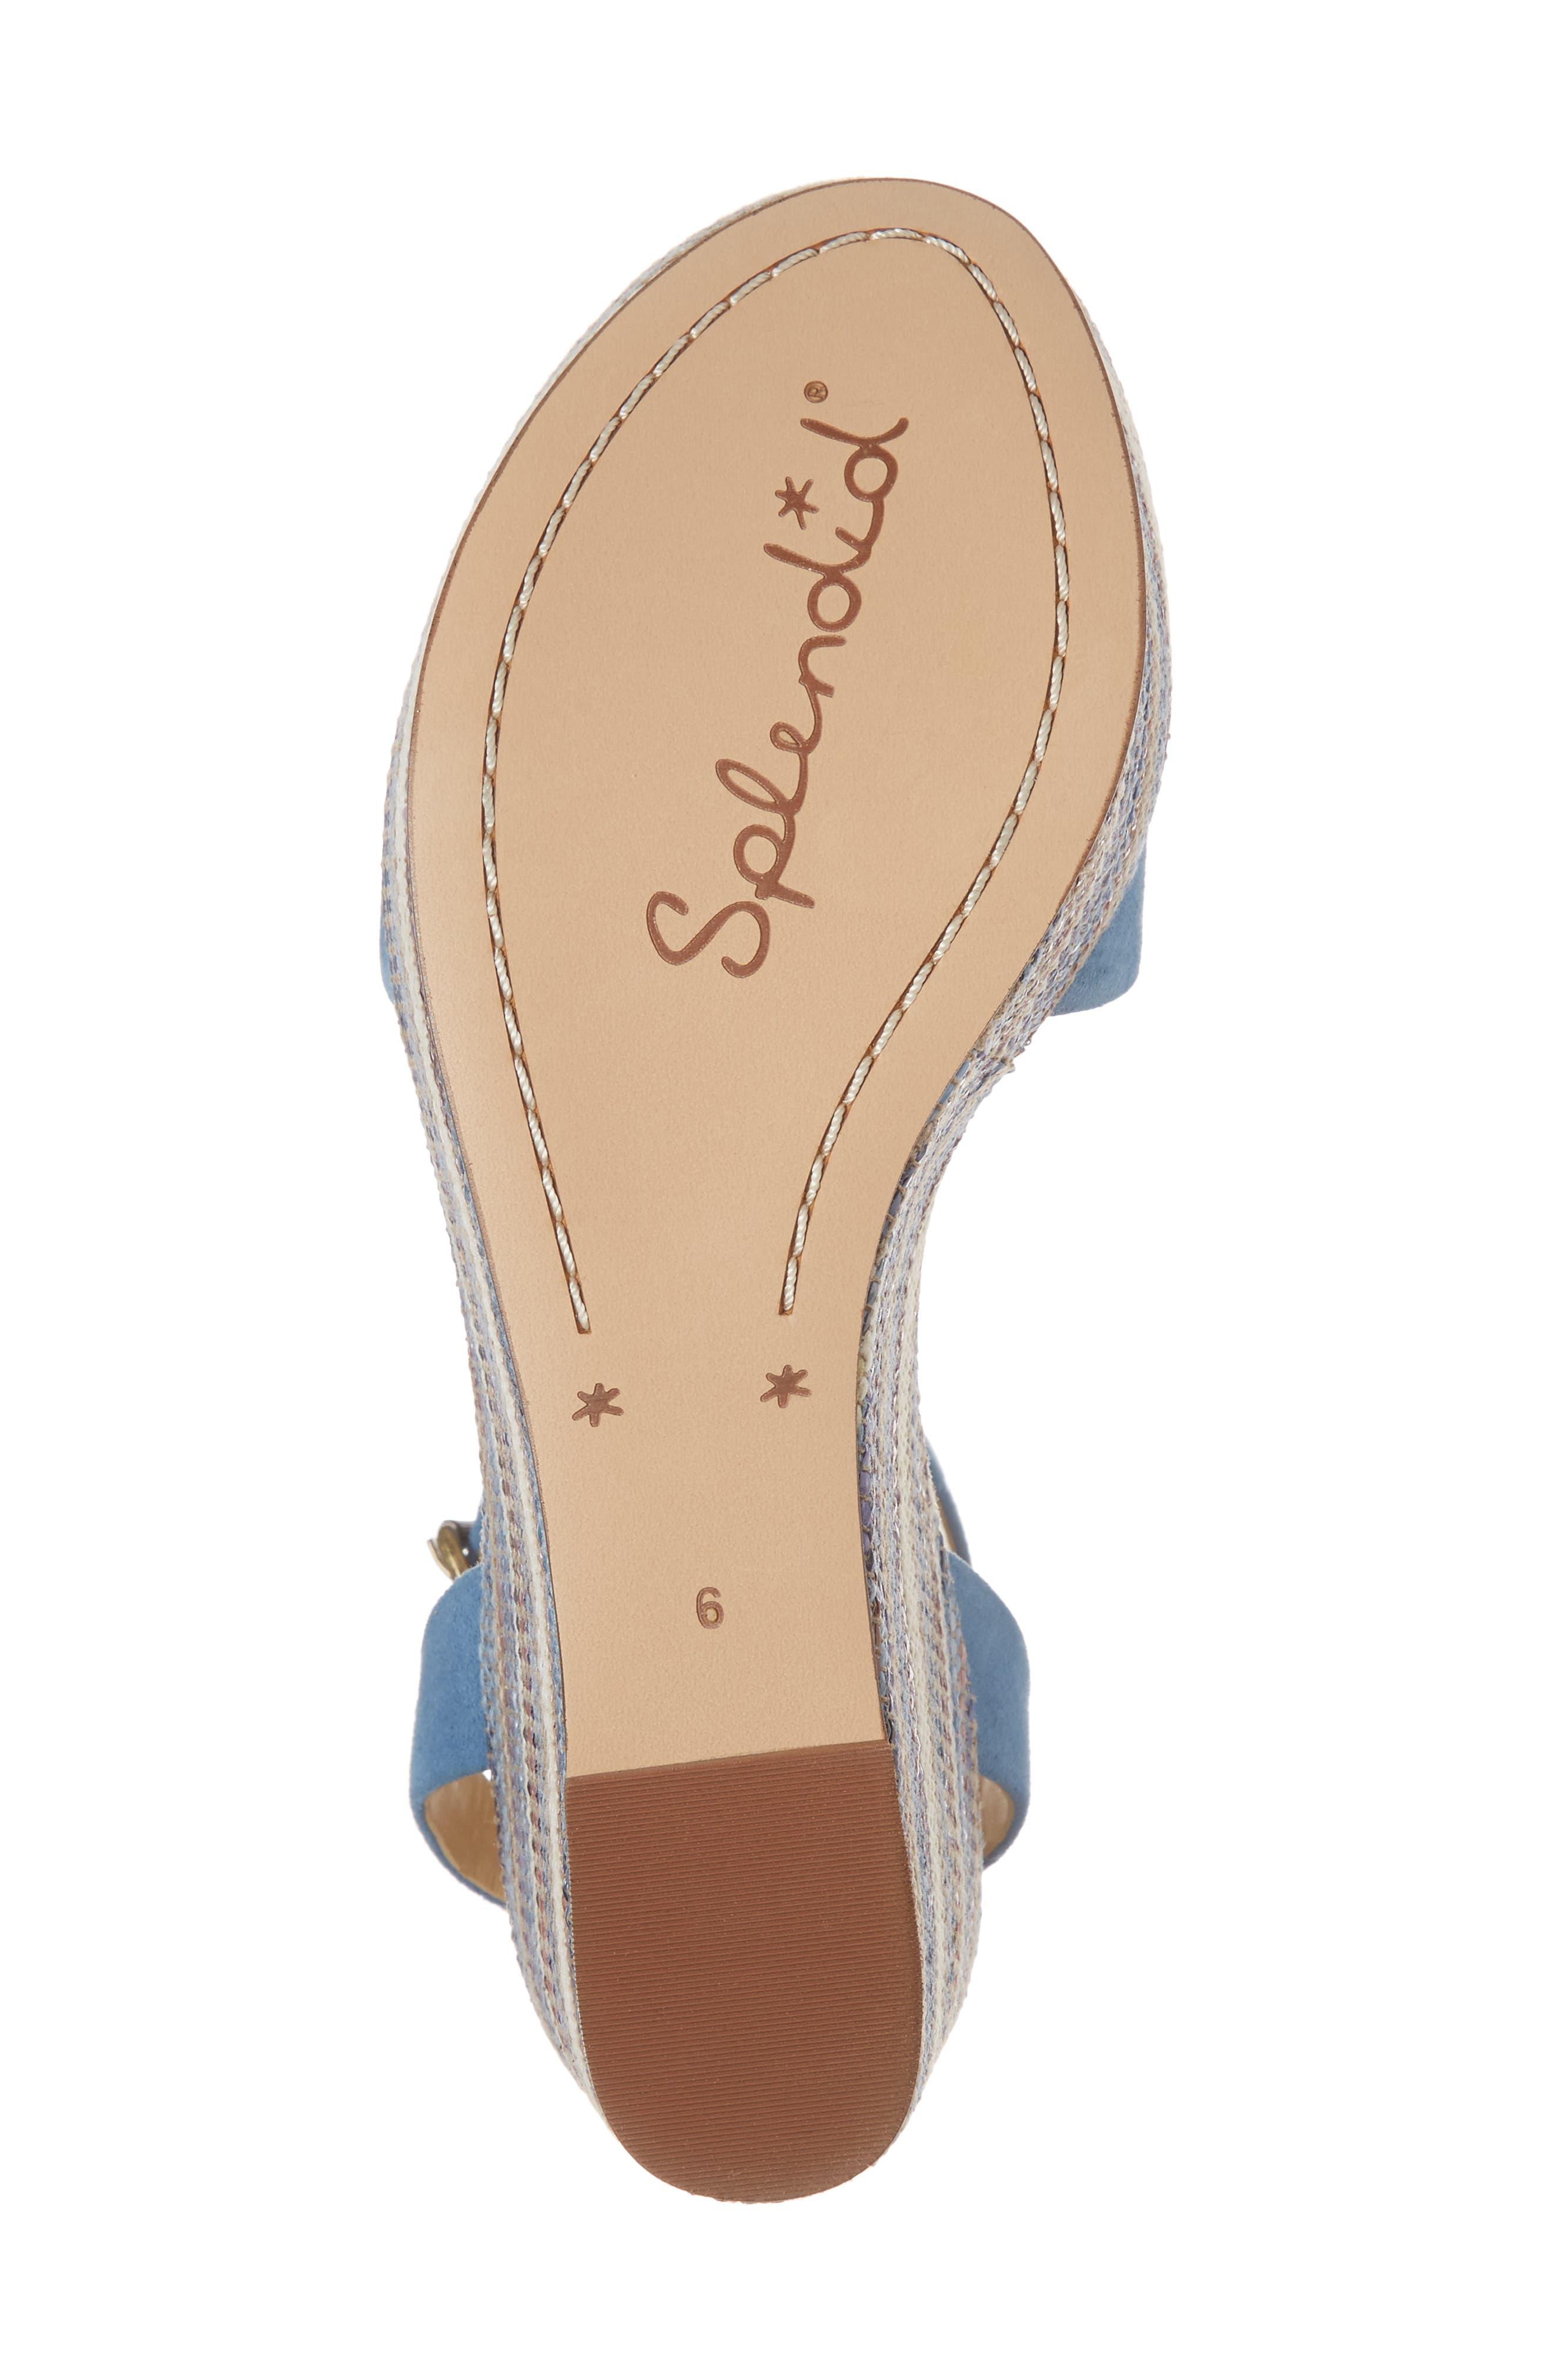 Felix Platform Wedge Sandal,                             Alternate thumbnail 6, color,                             BLUE HORIZON SUEDE